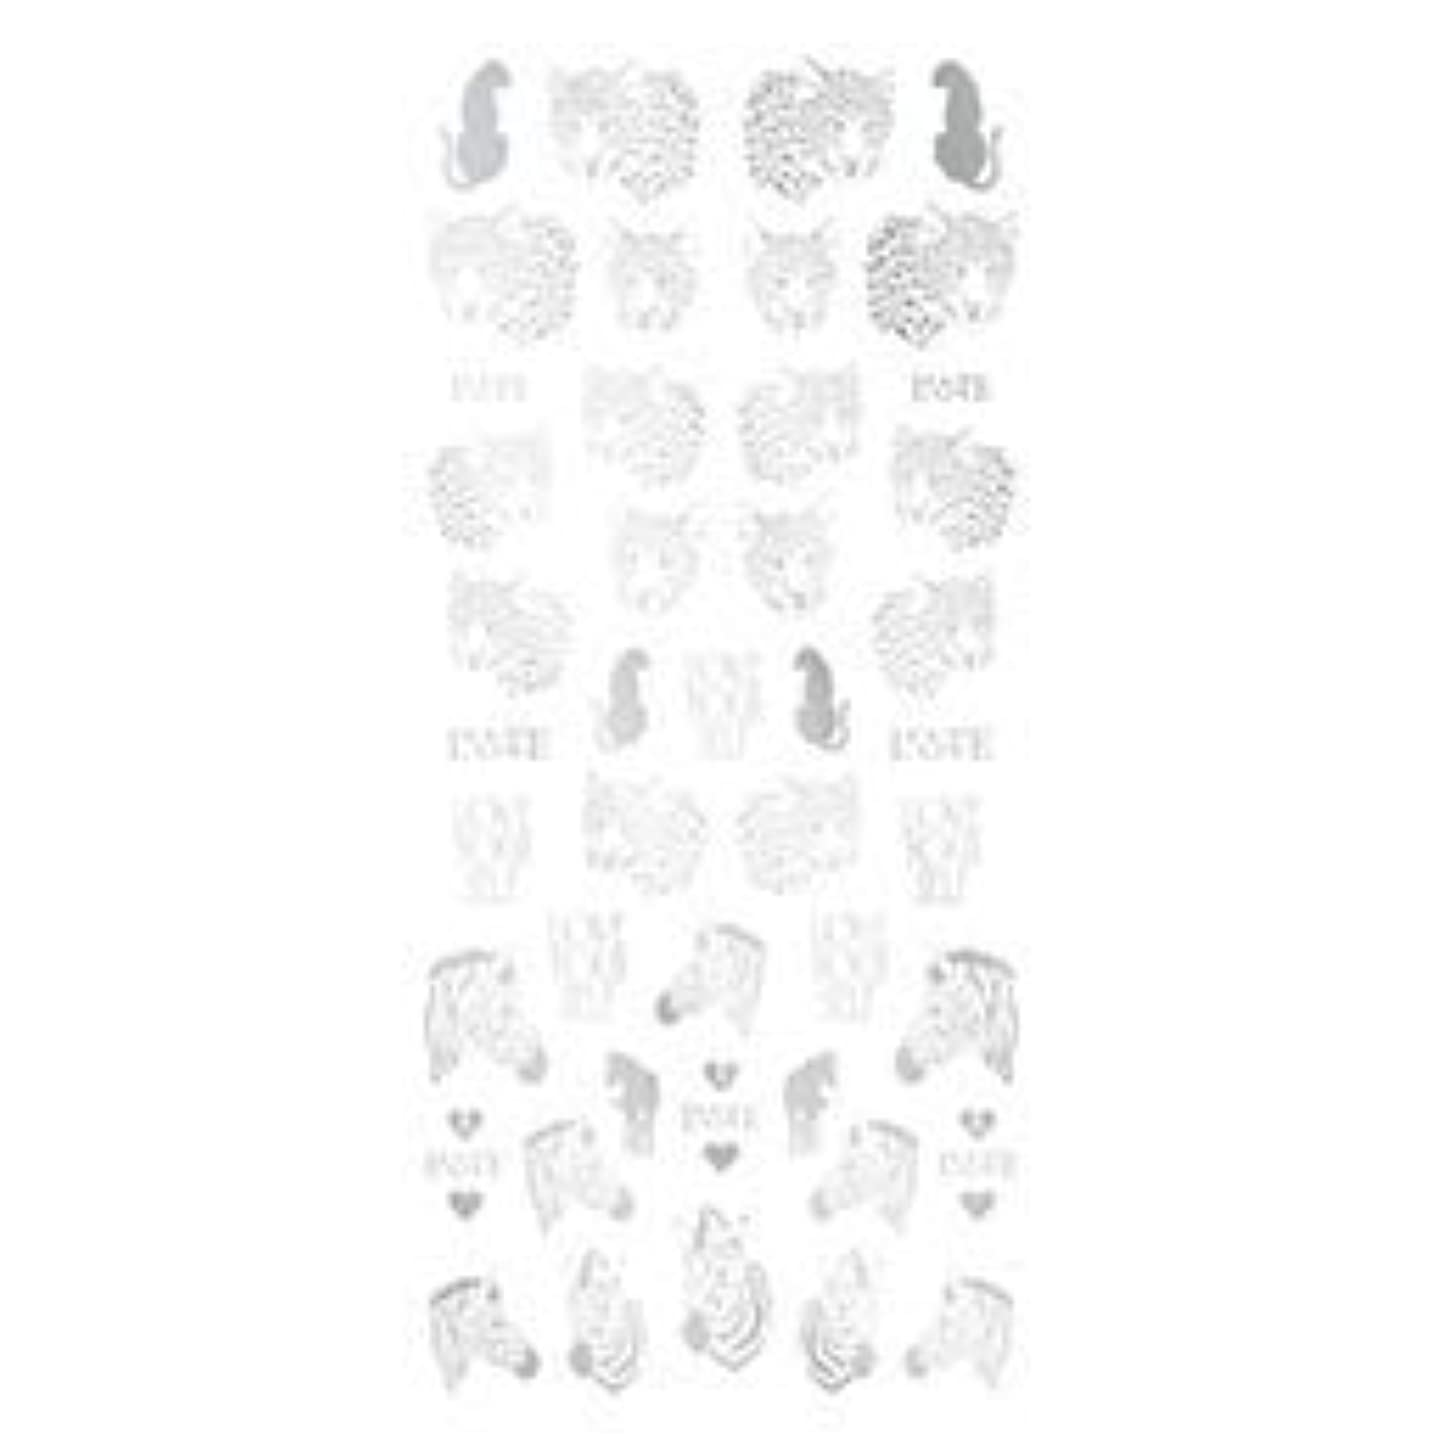 ヨーグルト細い頭痛ツメキラ pd CHiHOプロデュース2 アニマリスト ホワイトゴールド SG-CHI-108